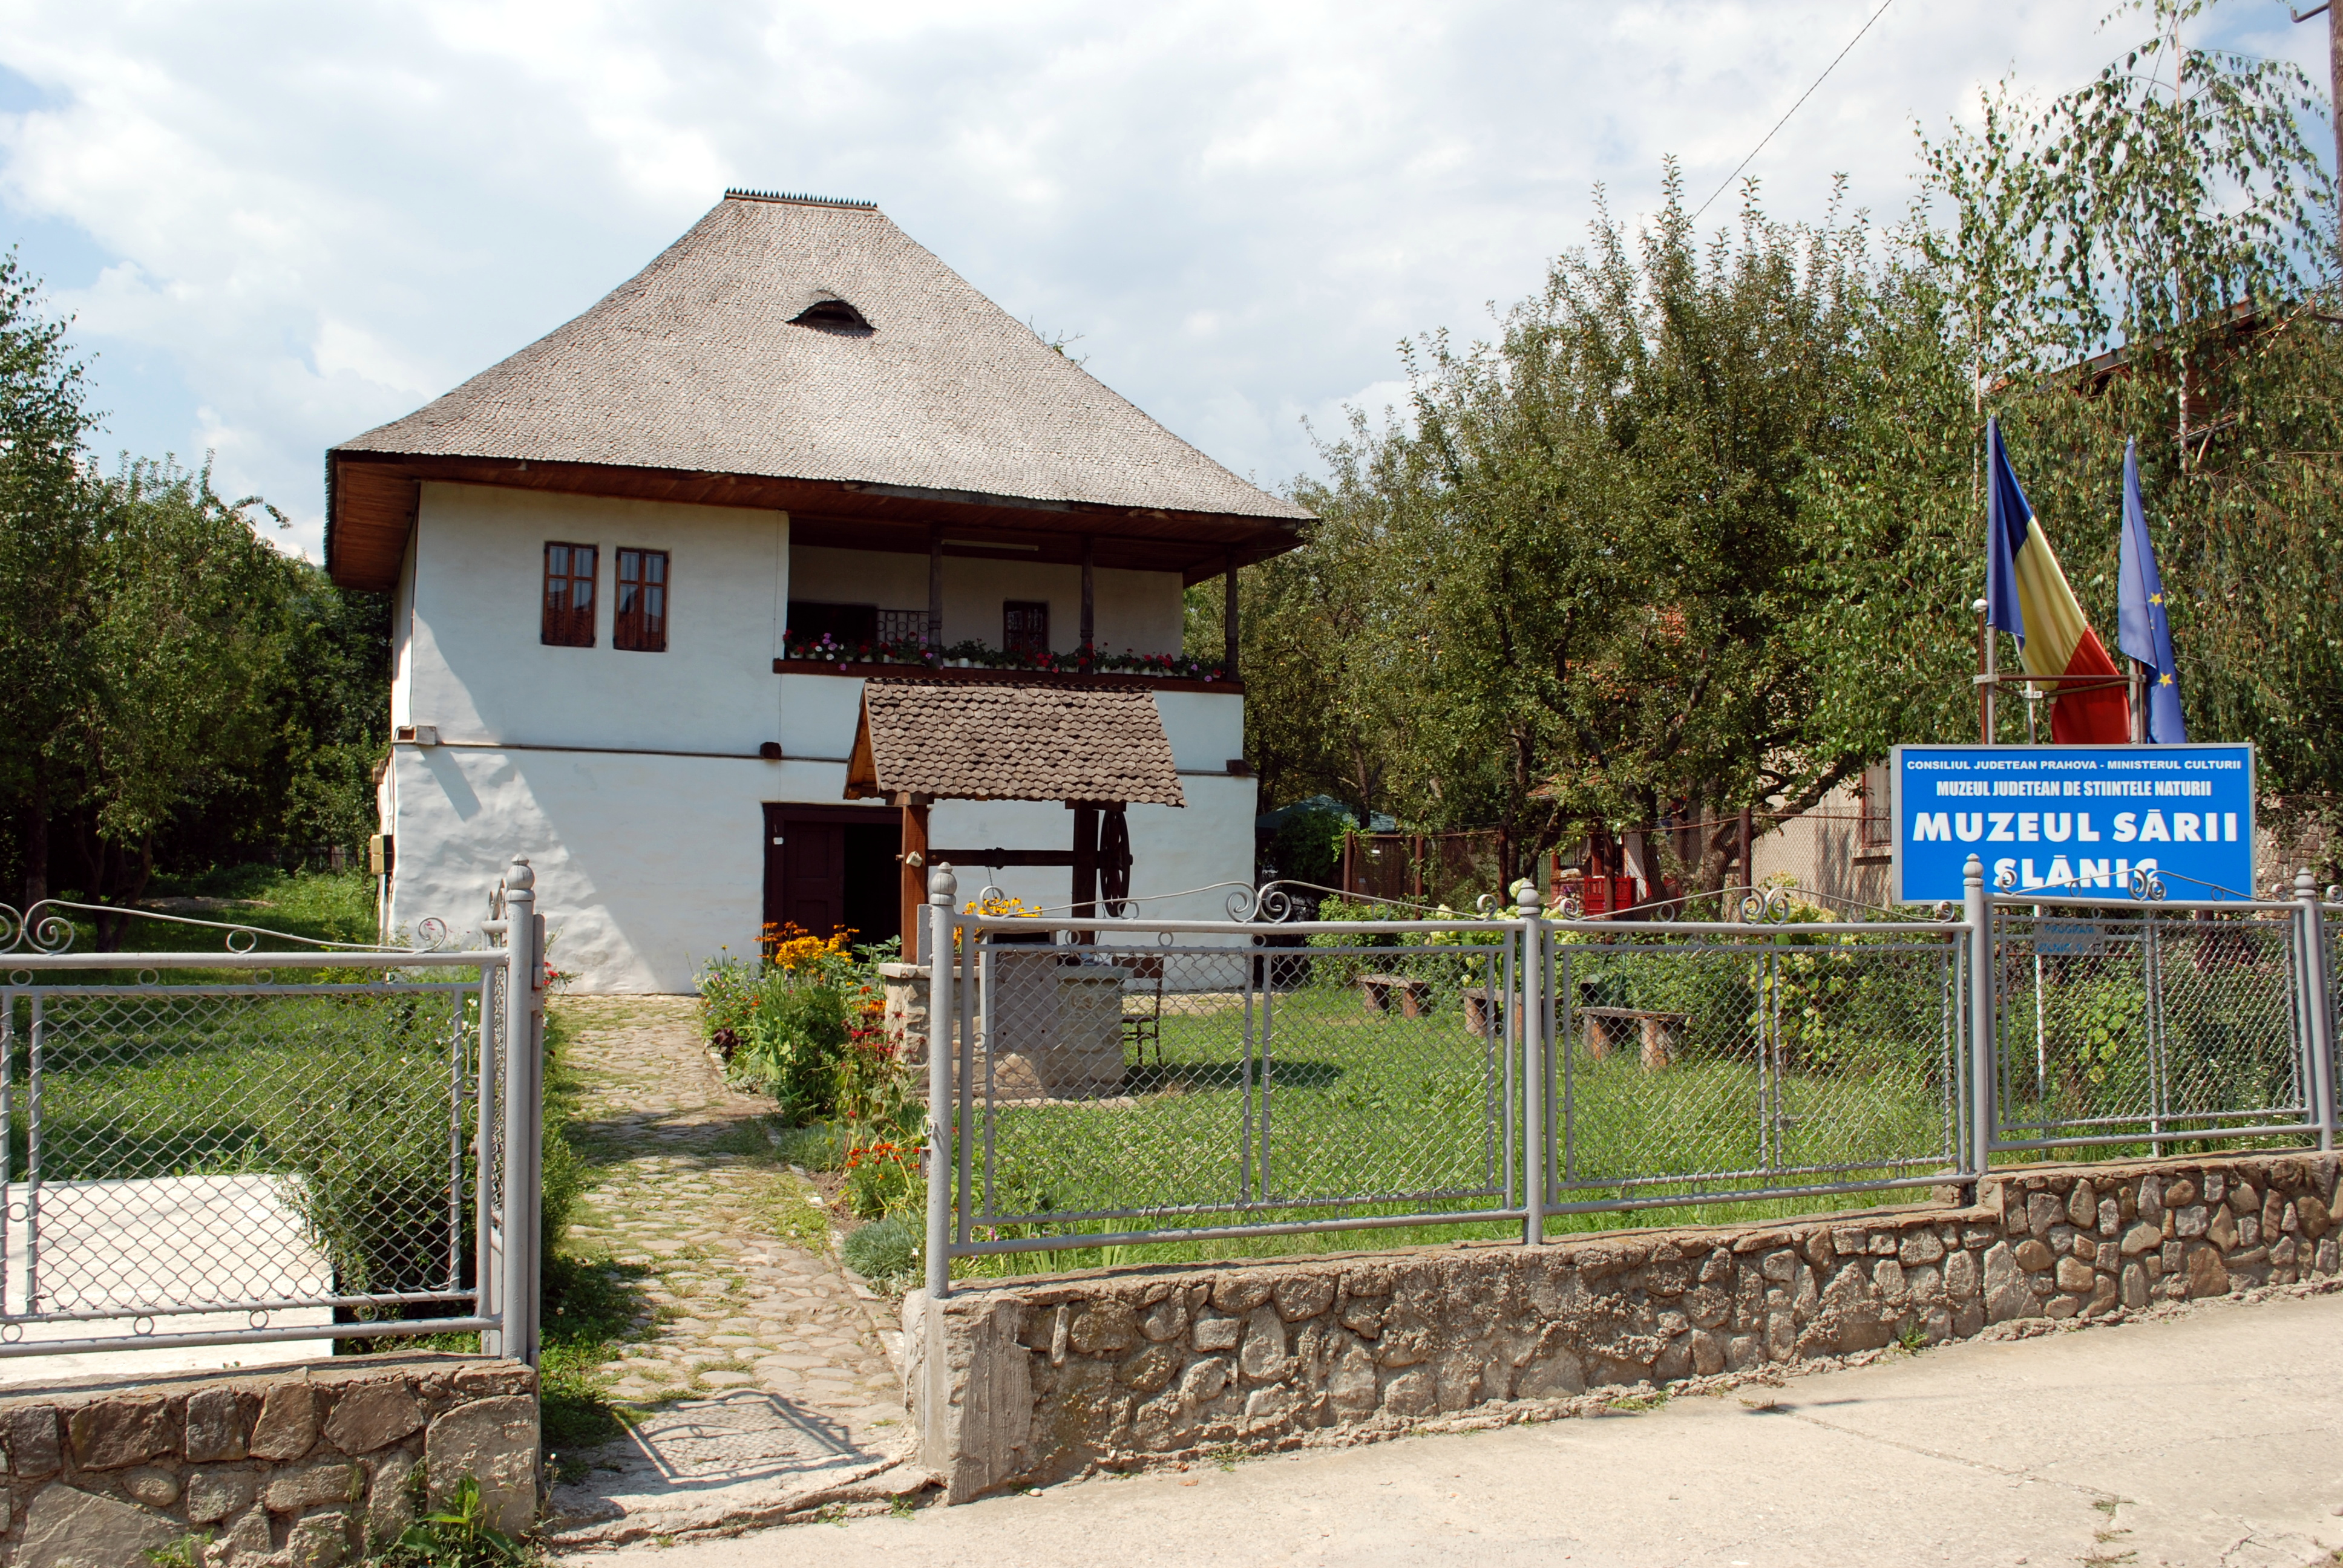 Fişier:Slanic salt museum.jpg